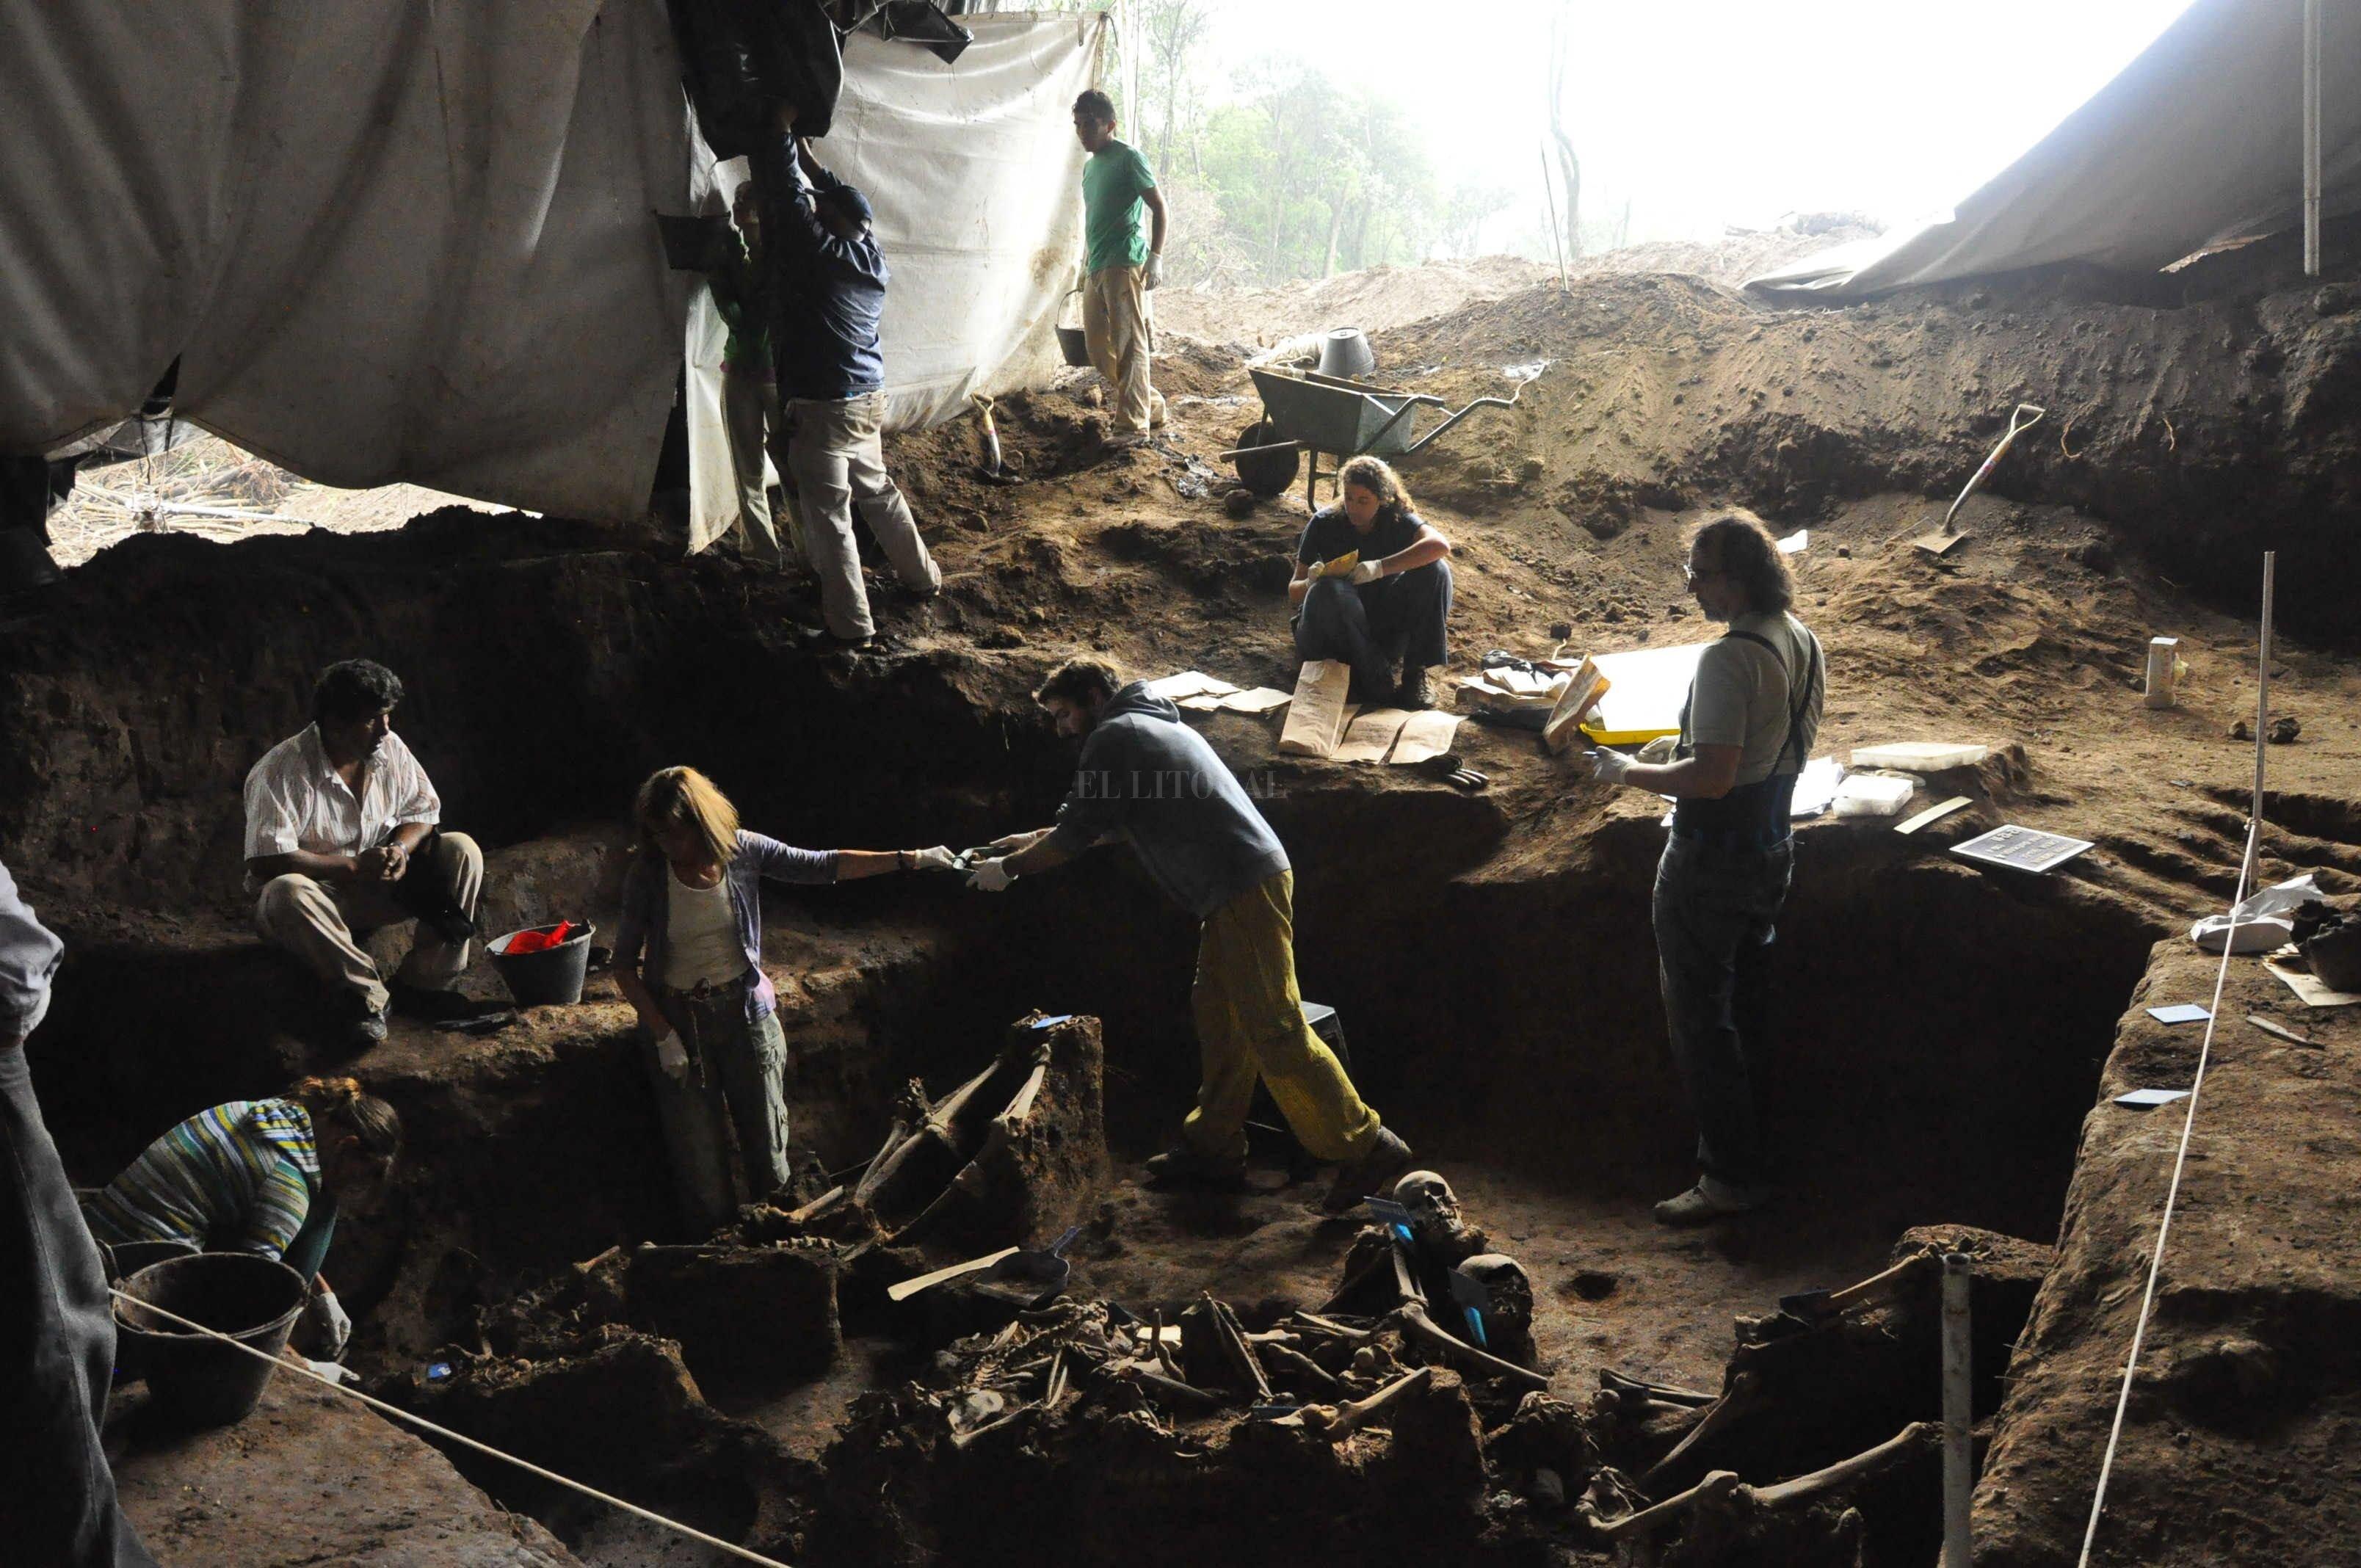 El Equipo de Antropología Forense trabajando en una fosa común en la provincia de Tucumán.  Crédito: Archivo El Litoral